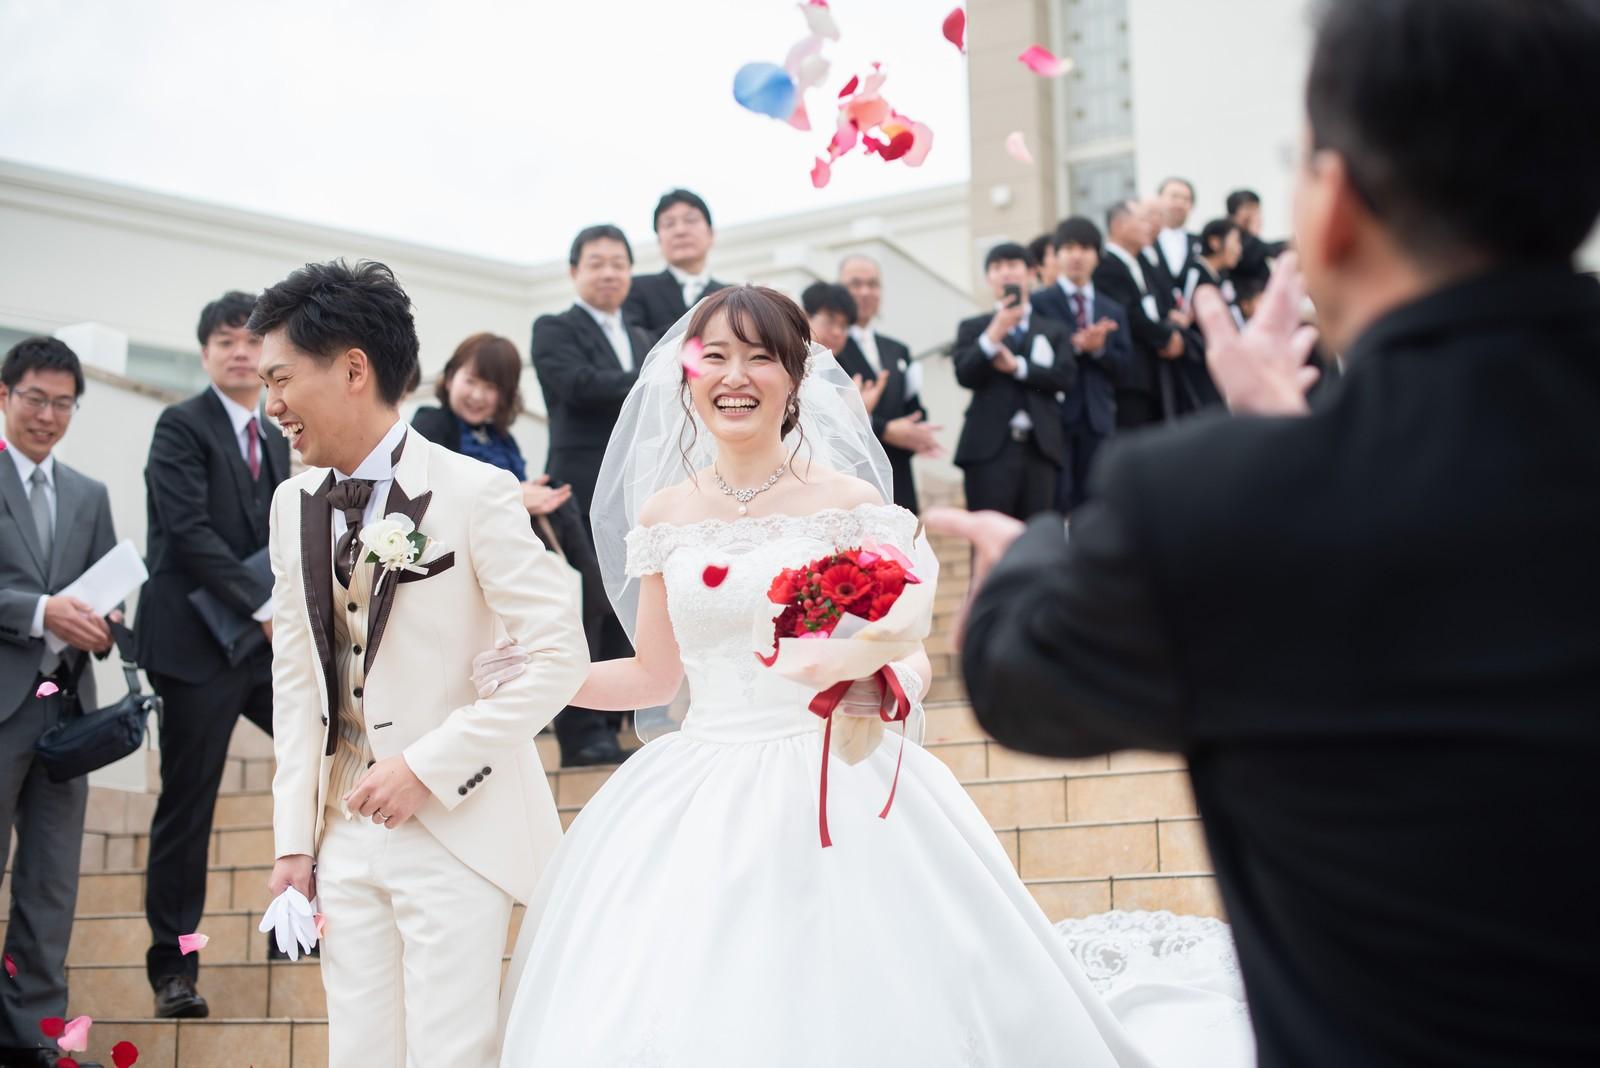 徳島市の結婚式場ブランアンジュの大階段で幸せいっぱいのフラワーシャワー